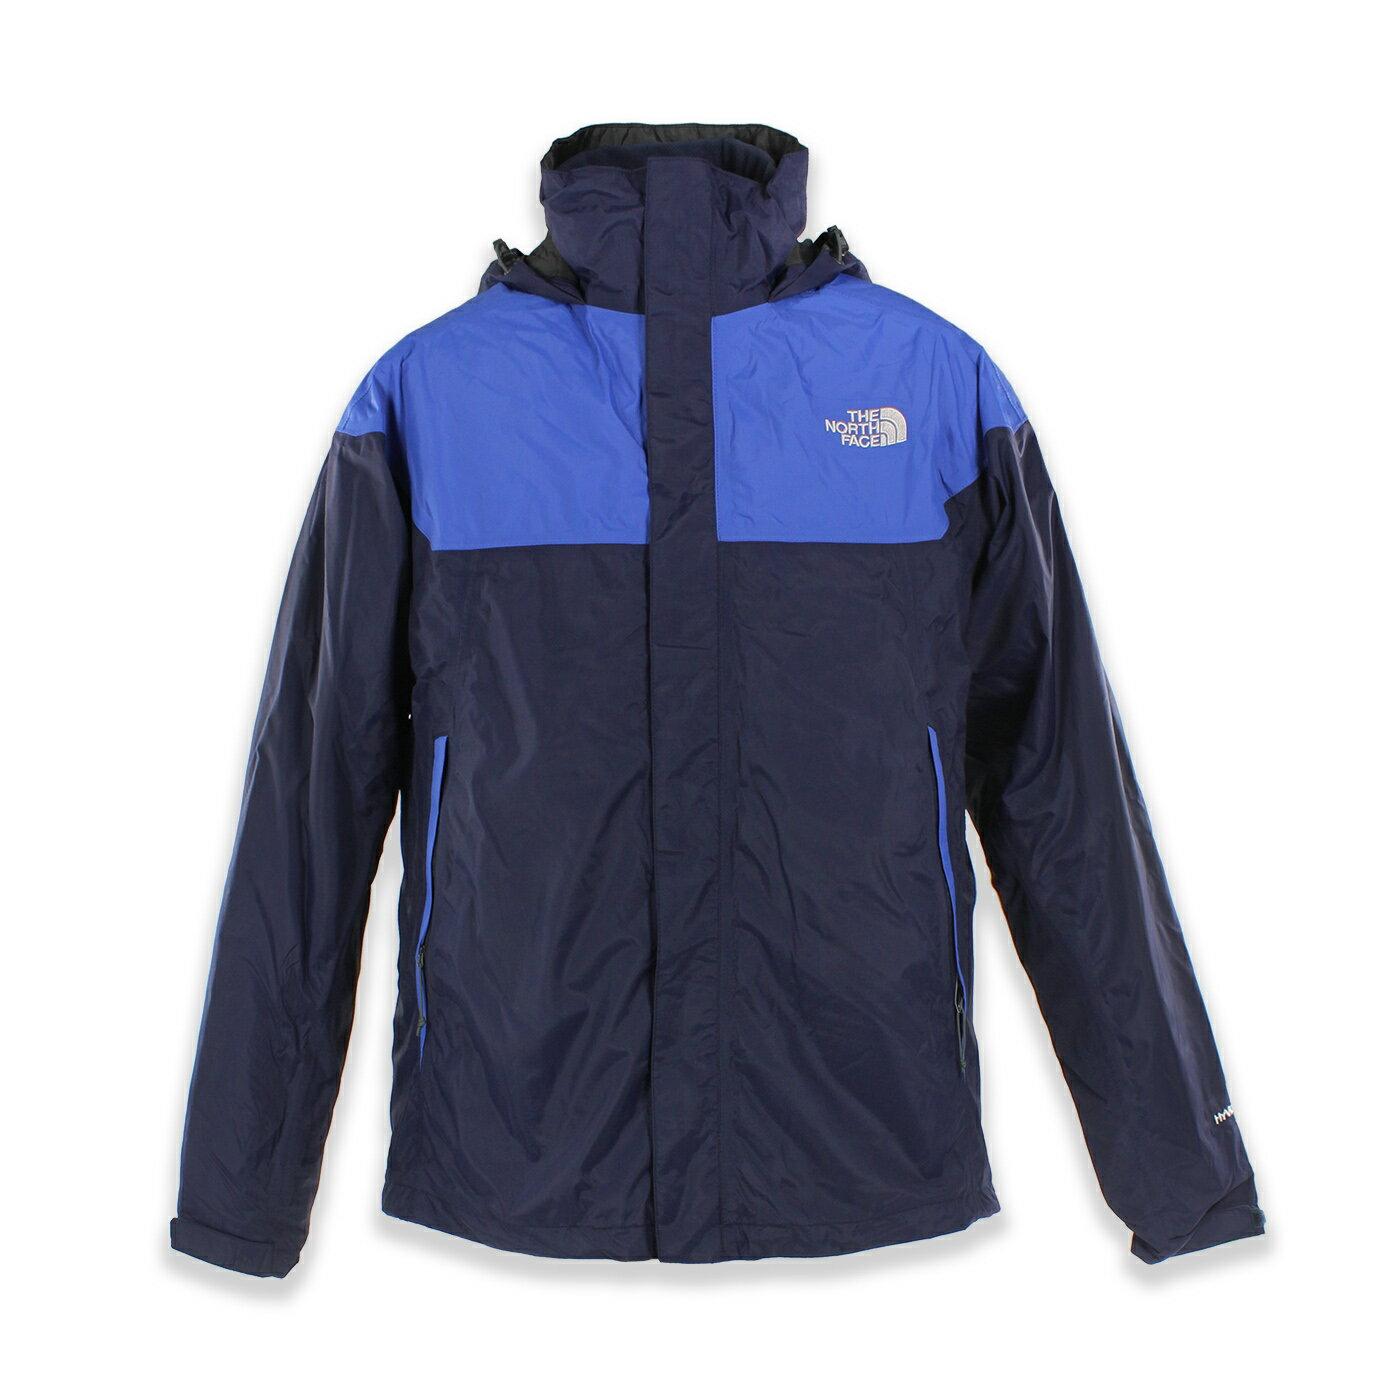 美國百分百【The North Face】防風 連帽 外套 TNF 防水 保暖 刷毛 兩件式 北臉 深藍 S號 F799